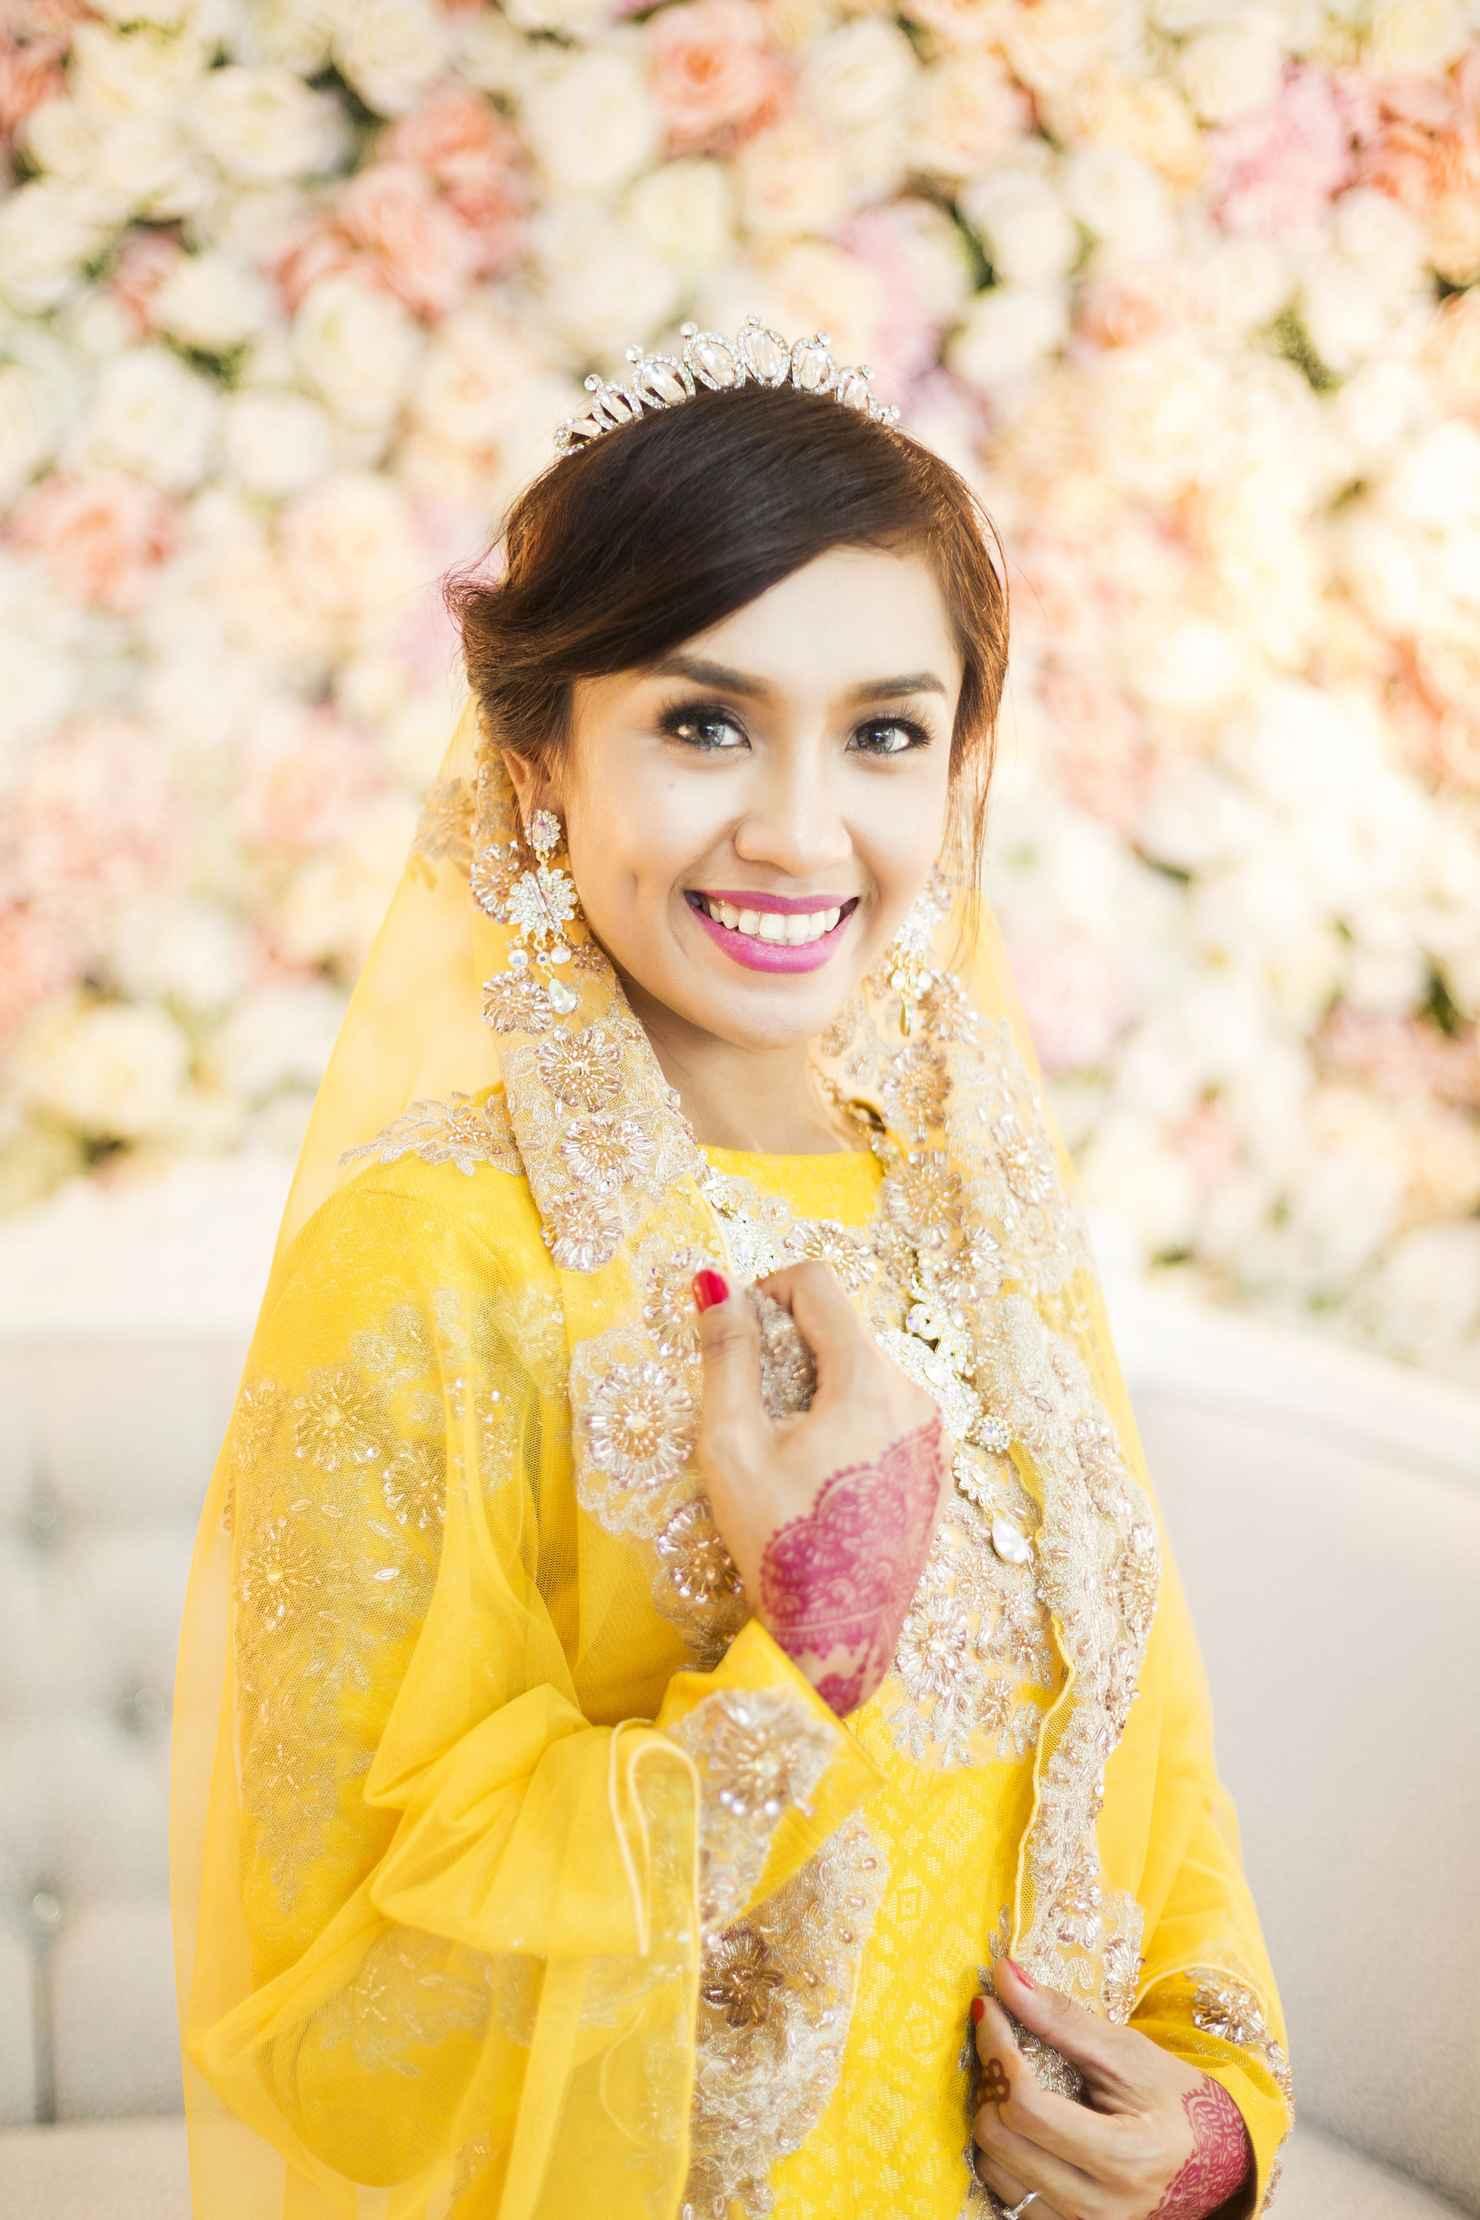 Ethnical yellow